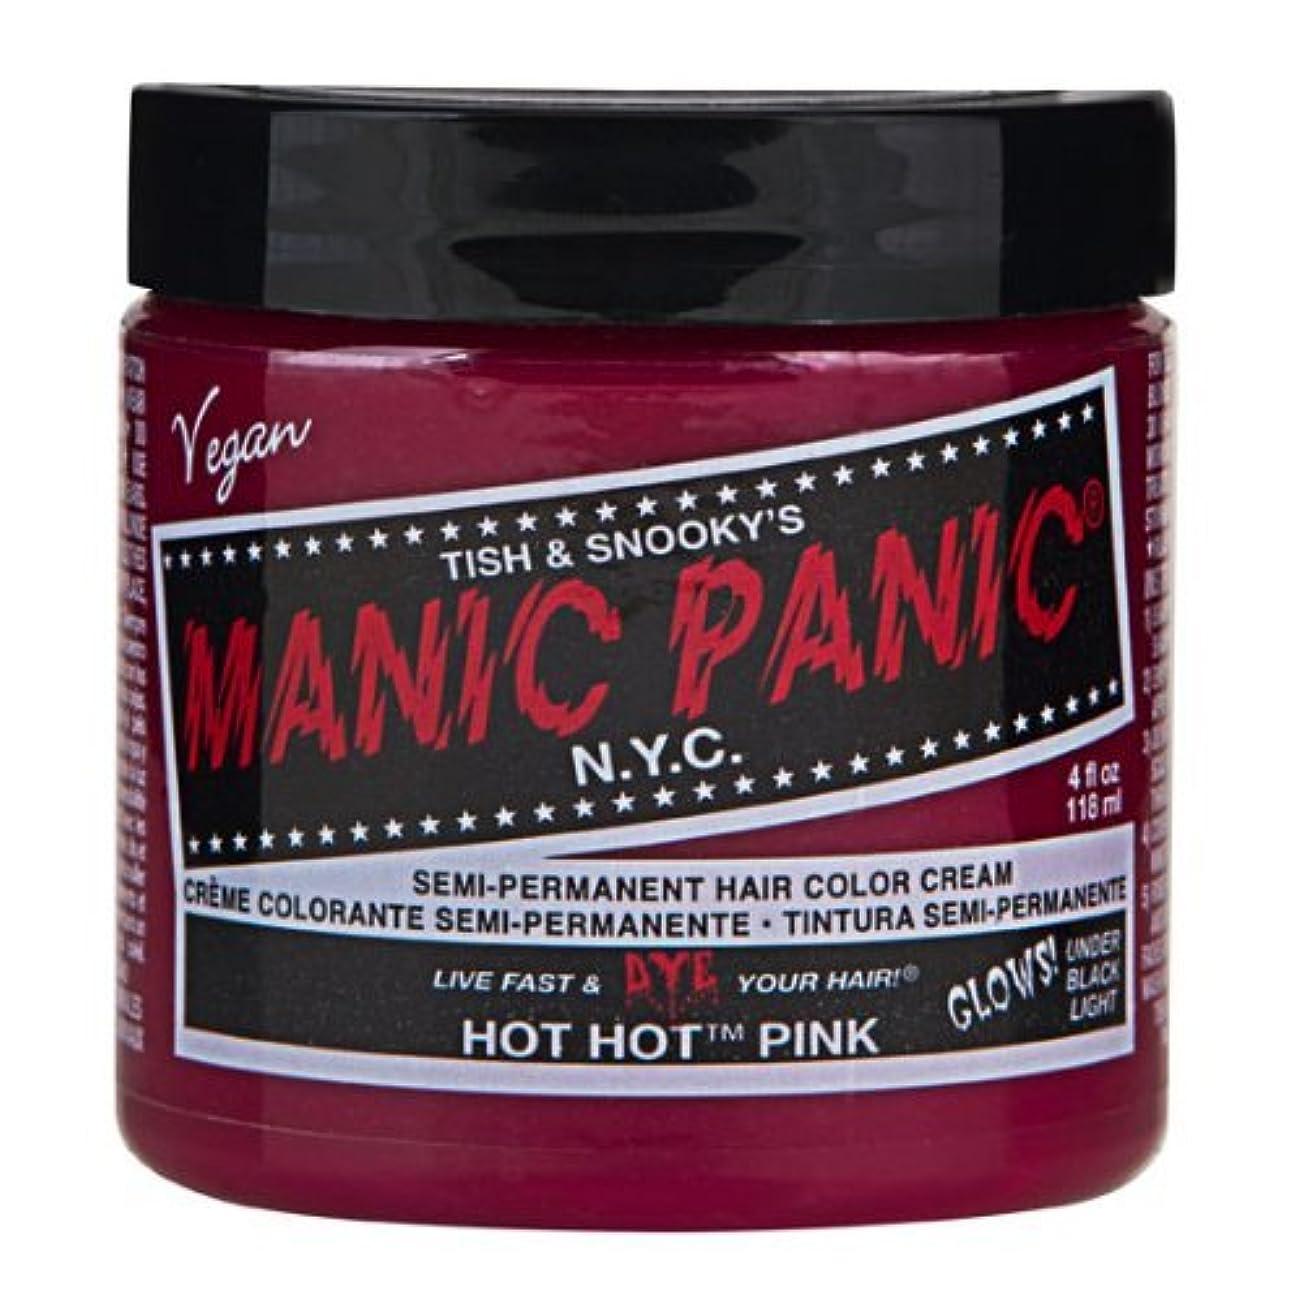 ジャーナリスト余分なファンシーマニックパニック MANIC PANIC ヘアカラー 118mlホットホットピンク ヘアーカラー